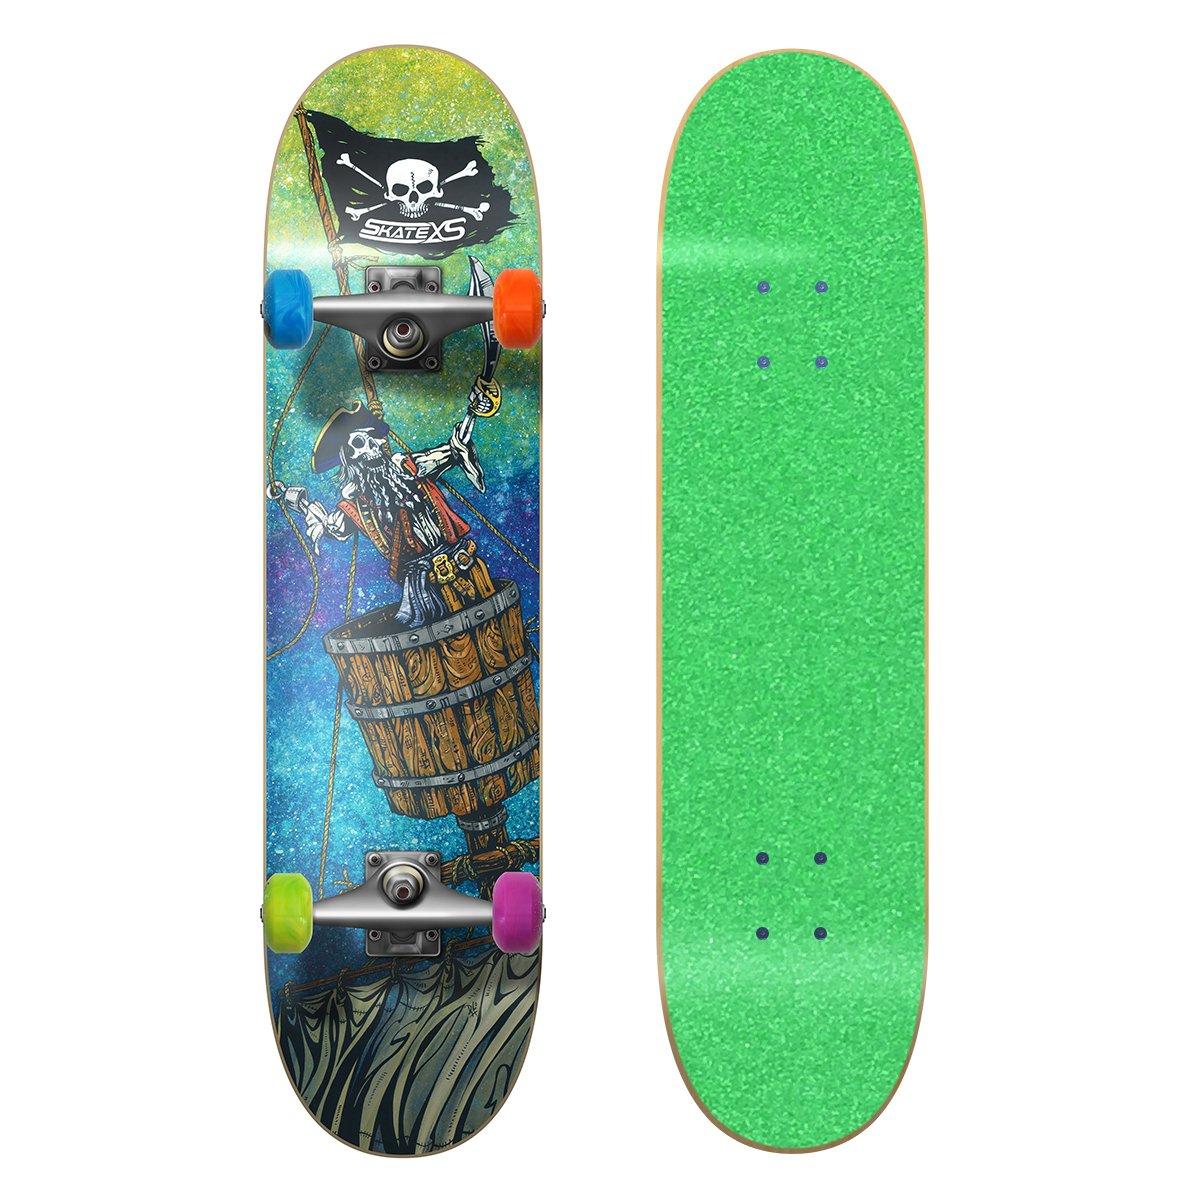 正式的 SkateXS ビギナー 海賊 Grip ストリート Multi-Color スケートボード B01MRTK4TQ 7.0 x 5-7) 28 (Ages 5-7) Green Grip Tape/ Multi-Color Wheels Green Grip Tape/ Multi-Color Wheels 7.0 x 28 (Ages 5-7), 小牛田町:44ef06b7 --- a0267596.xsph.ru